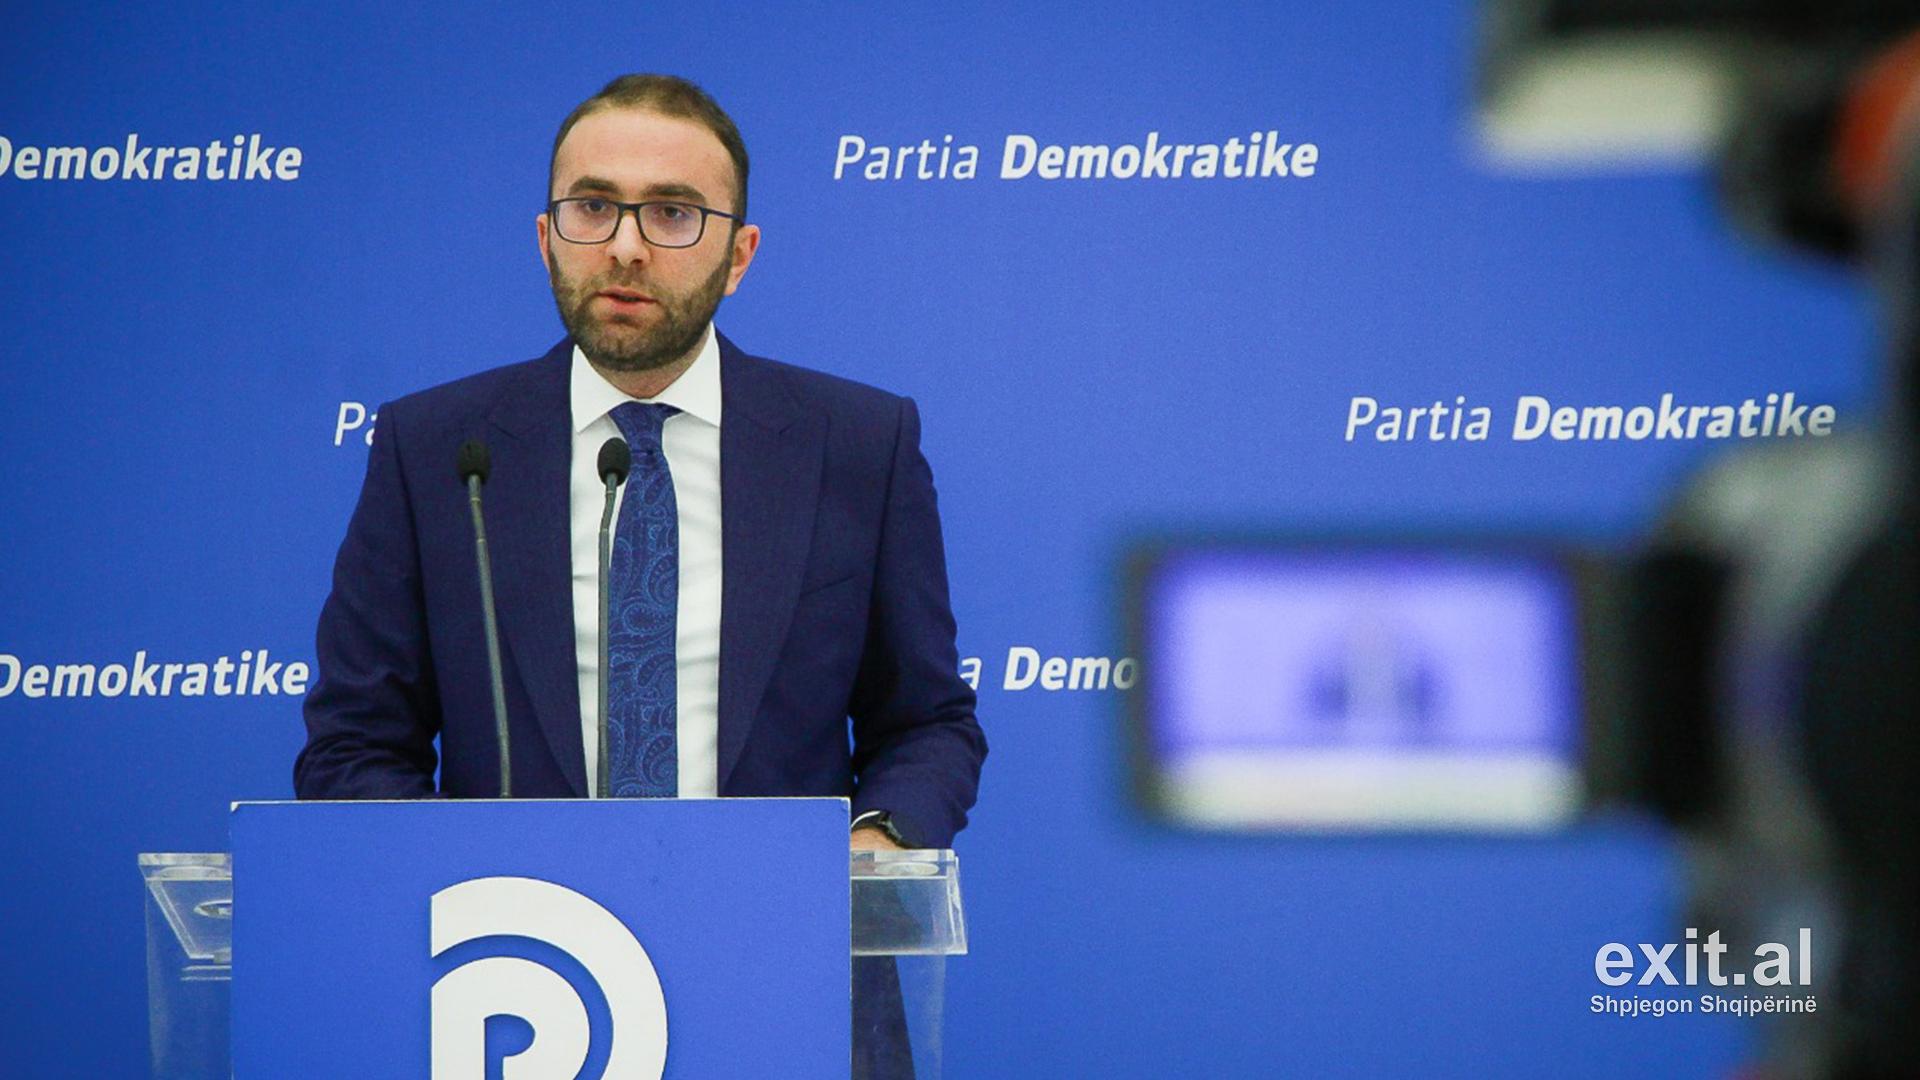 PD përshëndet ngritjen e SPAK-ut: Mekanizimi i duhur për të luftuar krimin dhe korrupsionin